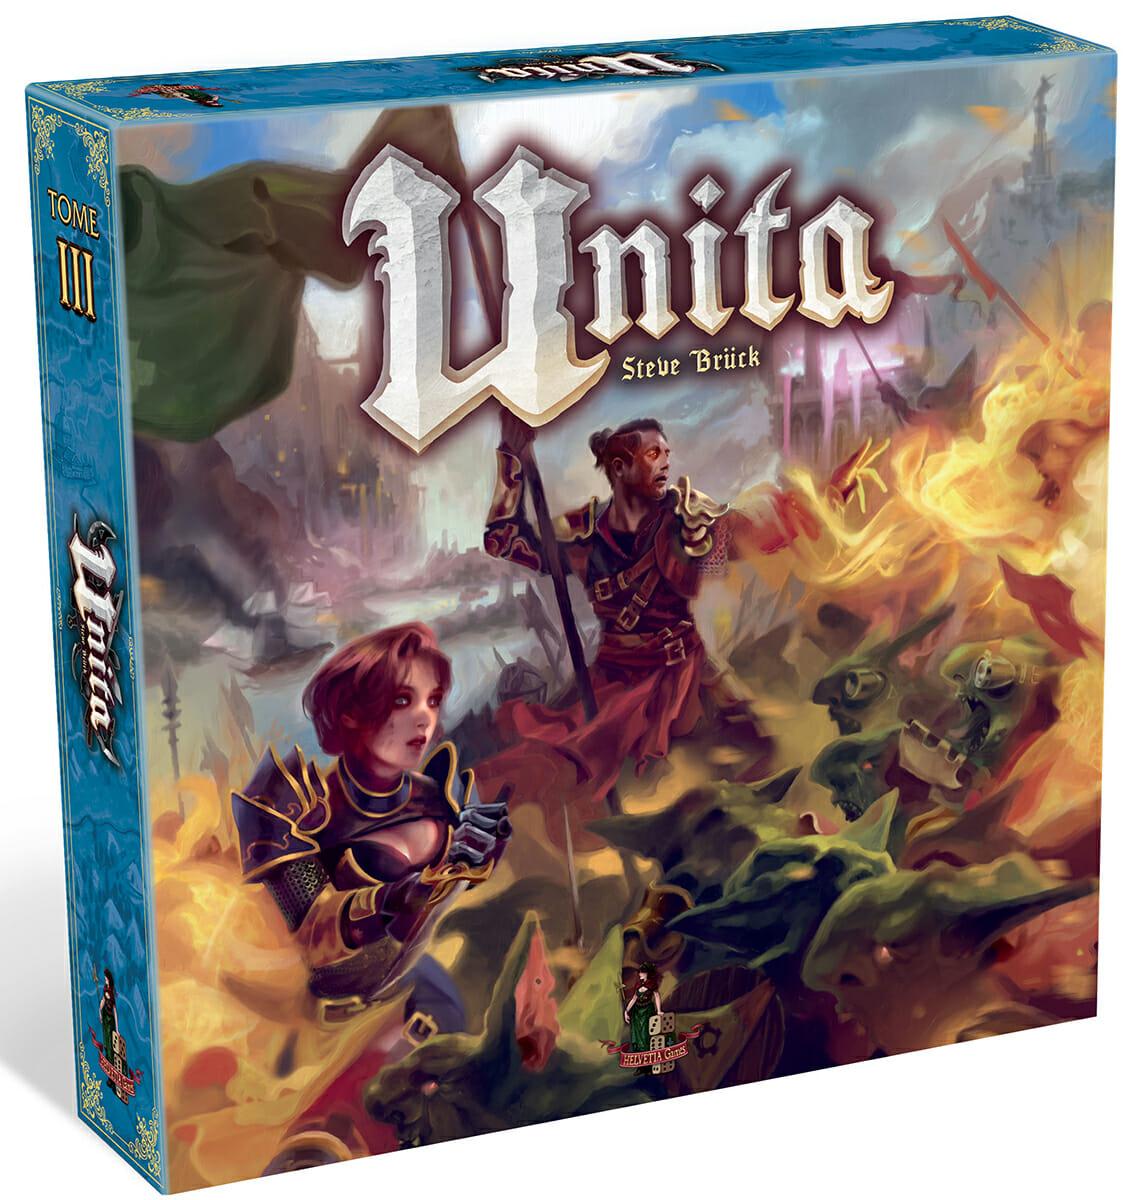 unita-helvessia-games-couv-jeu-de-societe-ludovox